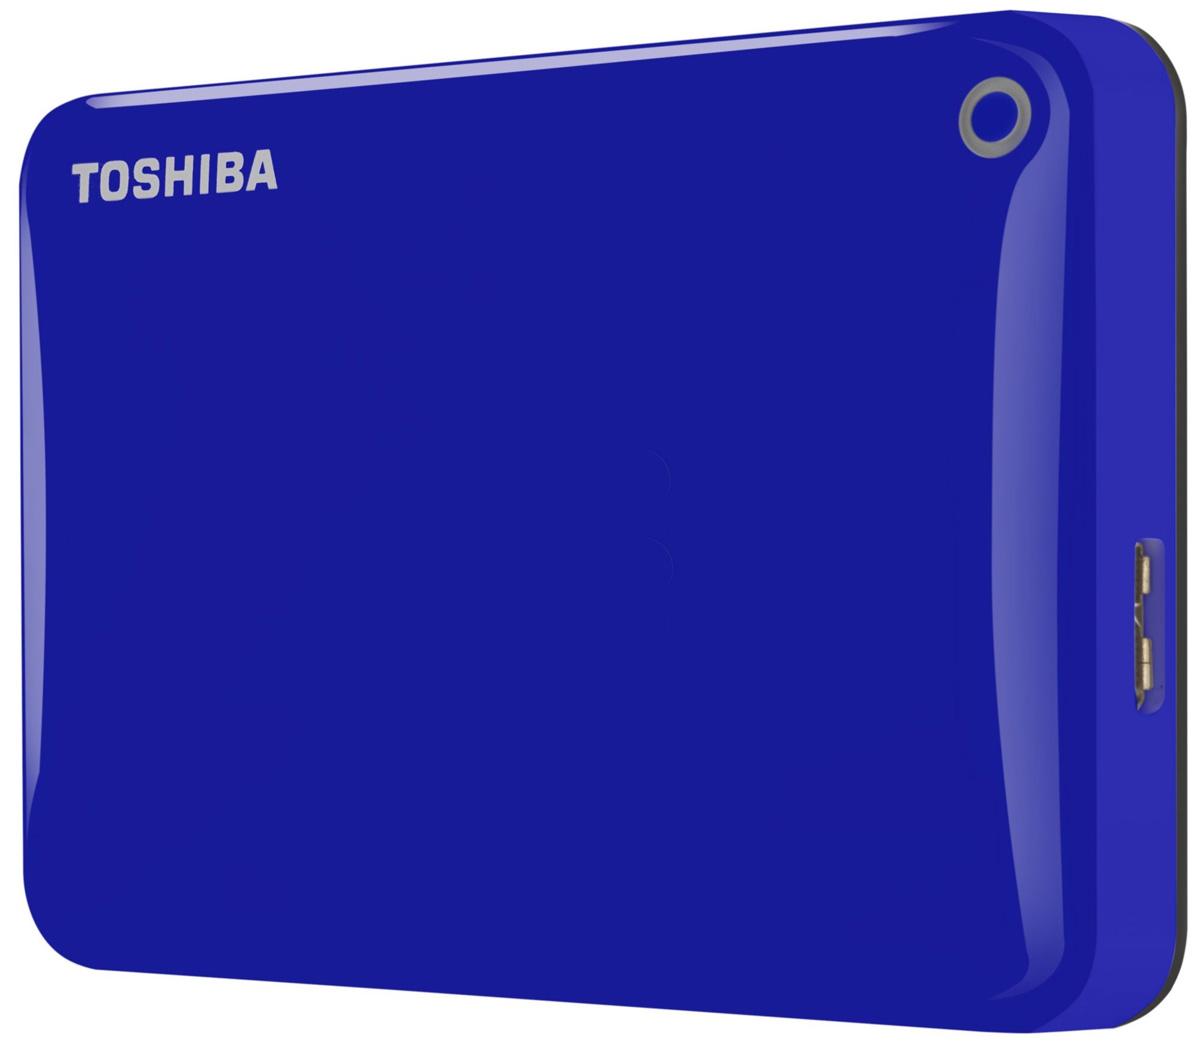 Toshiba Canvio Connect II 500GB, Blue внешний жесткий диск (HDTC805EL3AA)HDTC805EL3AAToshiba Canvio Connect II дает вам возможность быстро передавать файлы с интерфейсом USB 3.0 и хранить большое количество данных на внешнем жестком диске. Устройство полностью готово для работы с Microsoft Windows и не требует установки программного обеспечения, так что ничего не может быть удобнее для хранения всех ваших любимых файлов. В офисе или в дороге его классический дизайн будет всегда уместен. Более того, Toshiba Canvio Connect II позволяет подключаться также и к оборудованию с совместимостью USB 2.0. Этот внешний накопитель обеспечивает доступ к вашим файлам практически из любого места и с любого устройства. Toshiba Canvio Connect II может легко превратить ваш компьютер в облачный сервер благодаря предустановленному ПО для удаленного доступа (накопитель должен быть подключен к компьютеру и Wi-Fi). Помимо удаленного доступа это устройство предоставляет своему владельцу 10 ГБ дополнительного места в облачном сервисе. Программное обеспечение NTI...